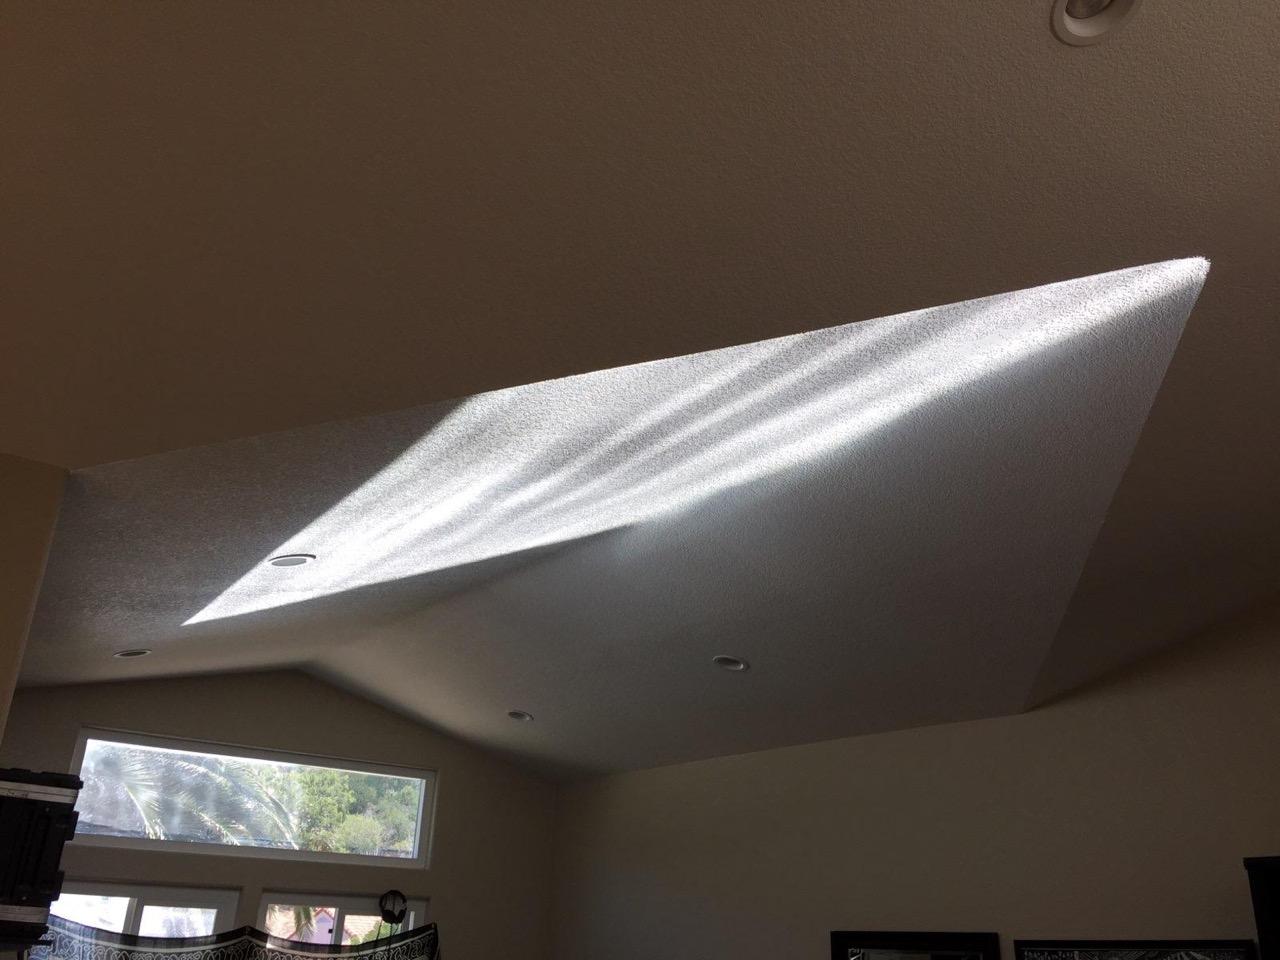 H1 Heliostat Oceanside CA Residential Installation - interior light